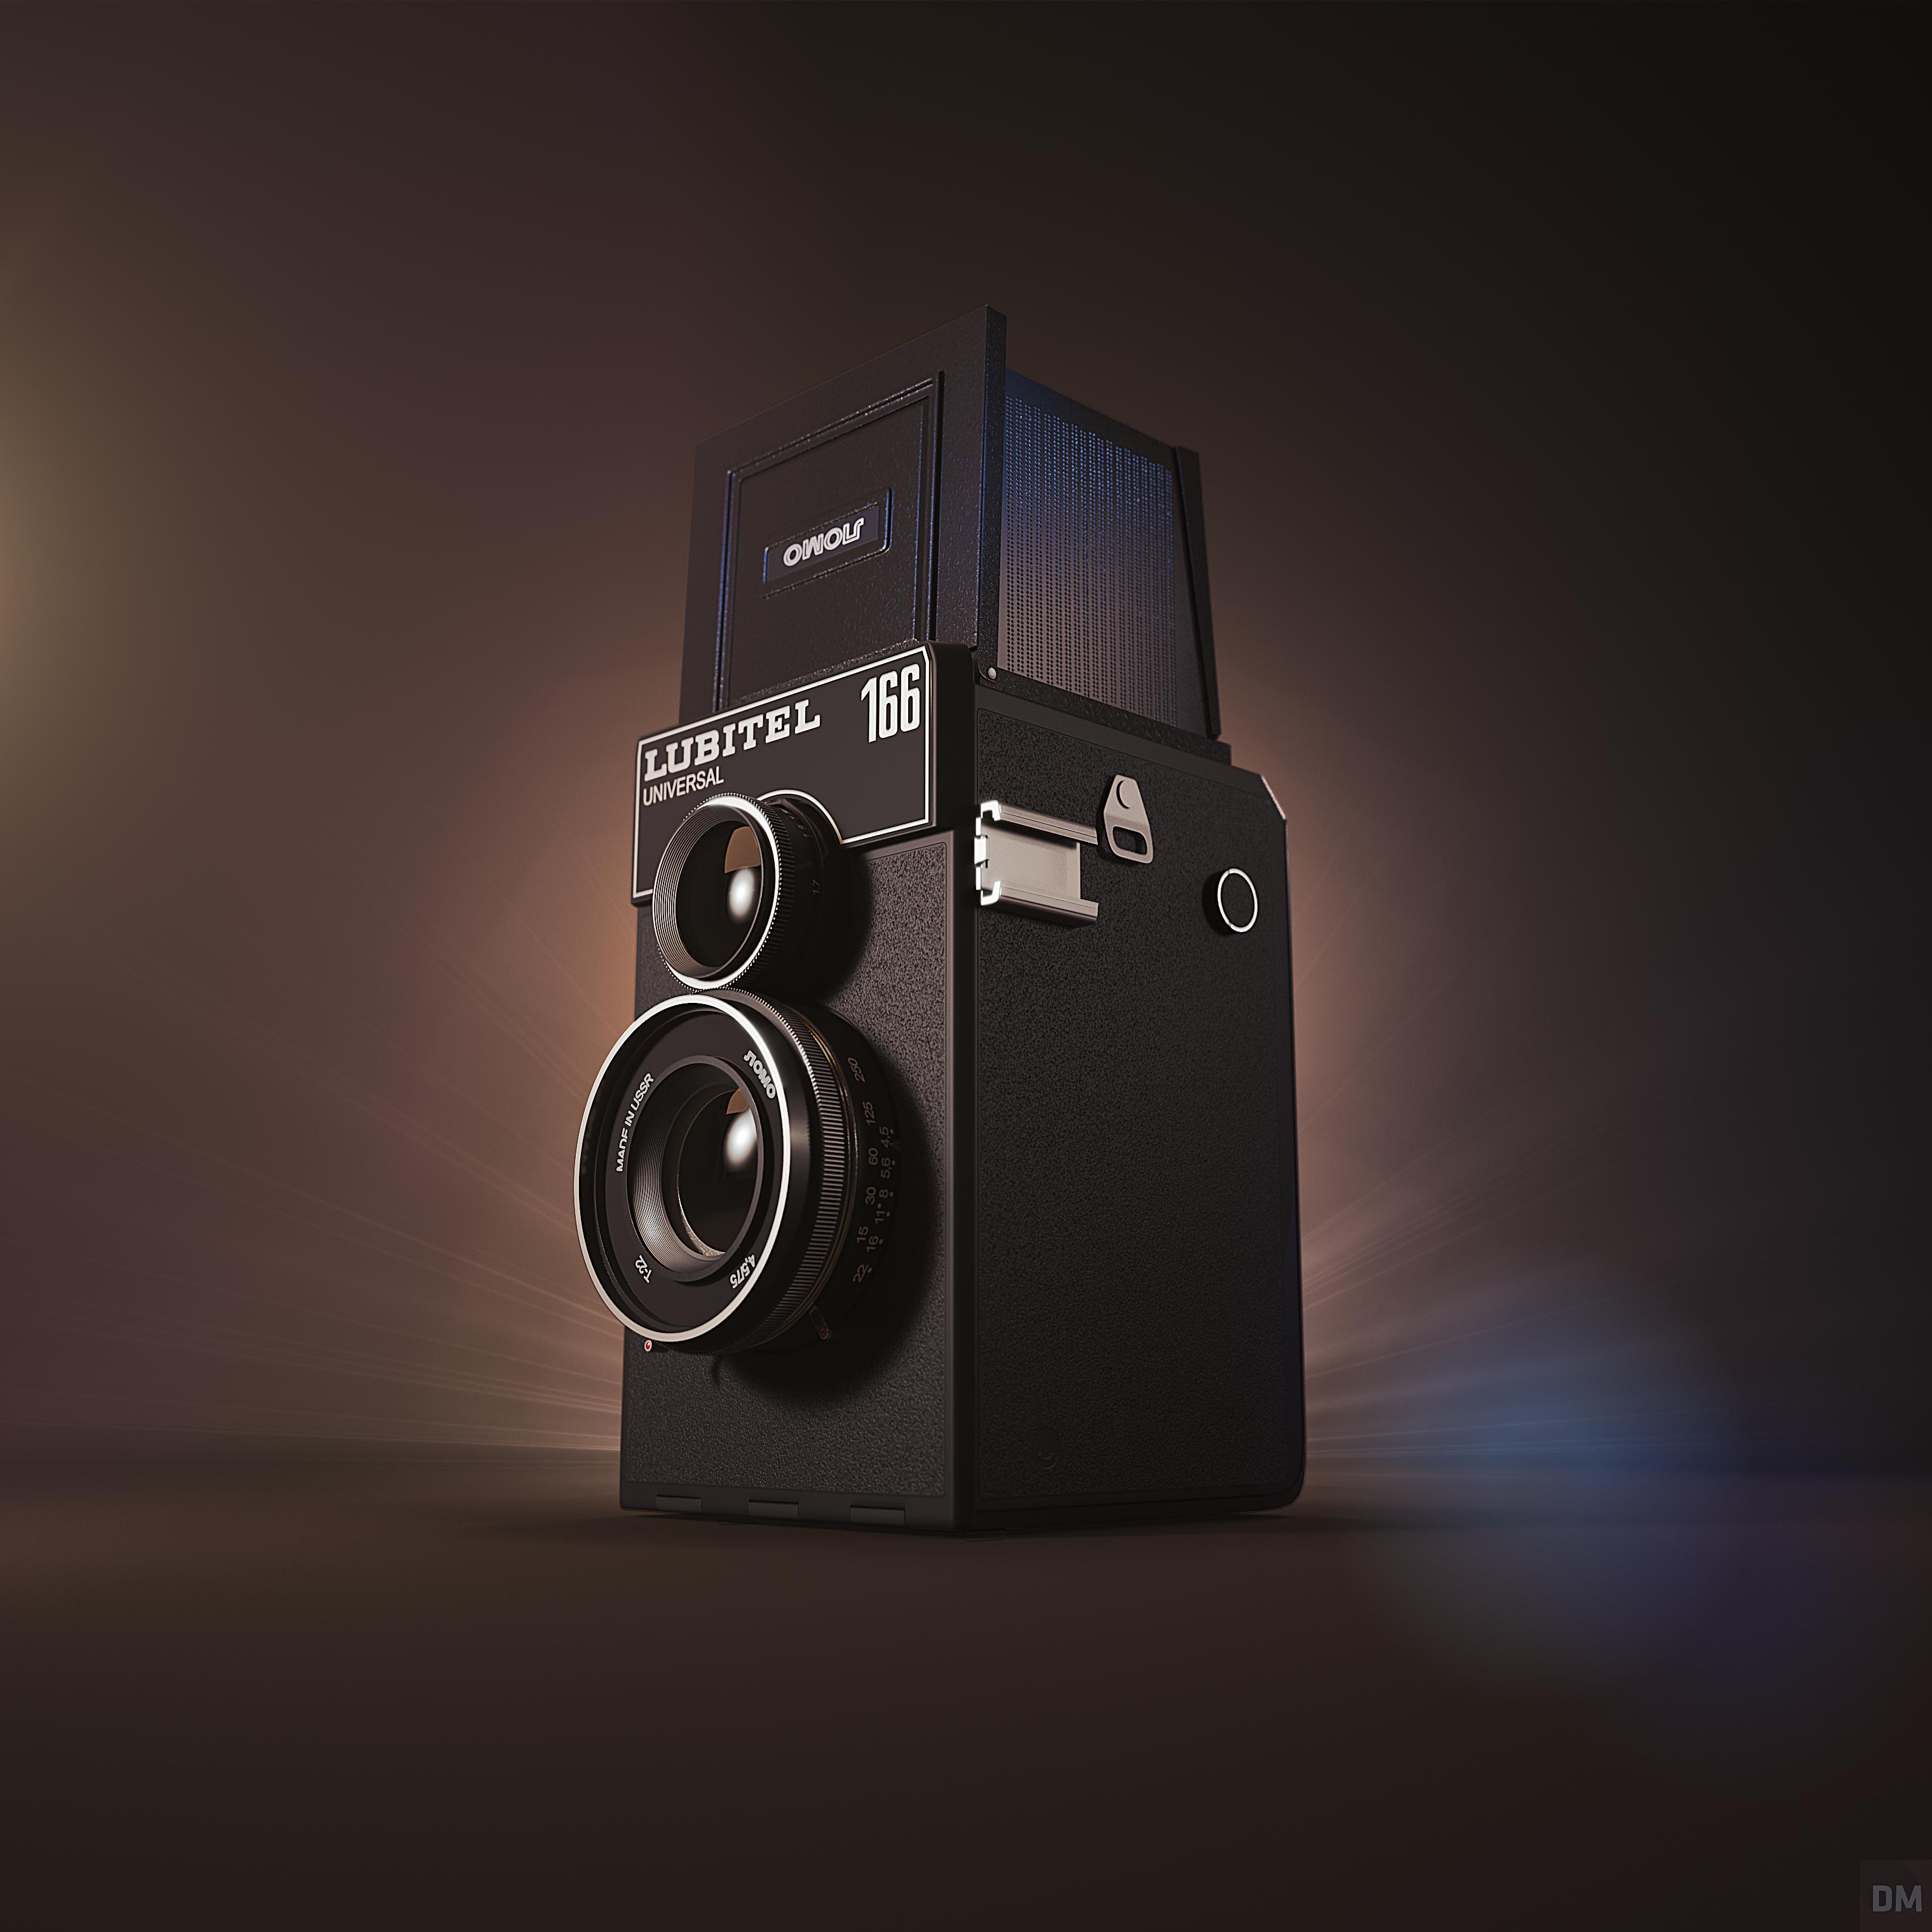 Lubitel 166 Photo Camera